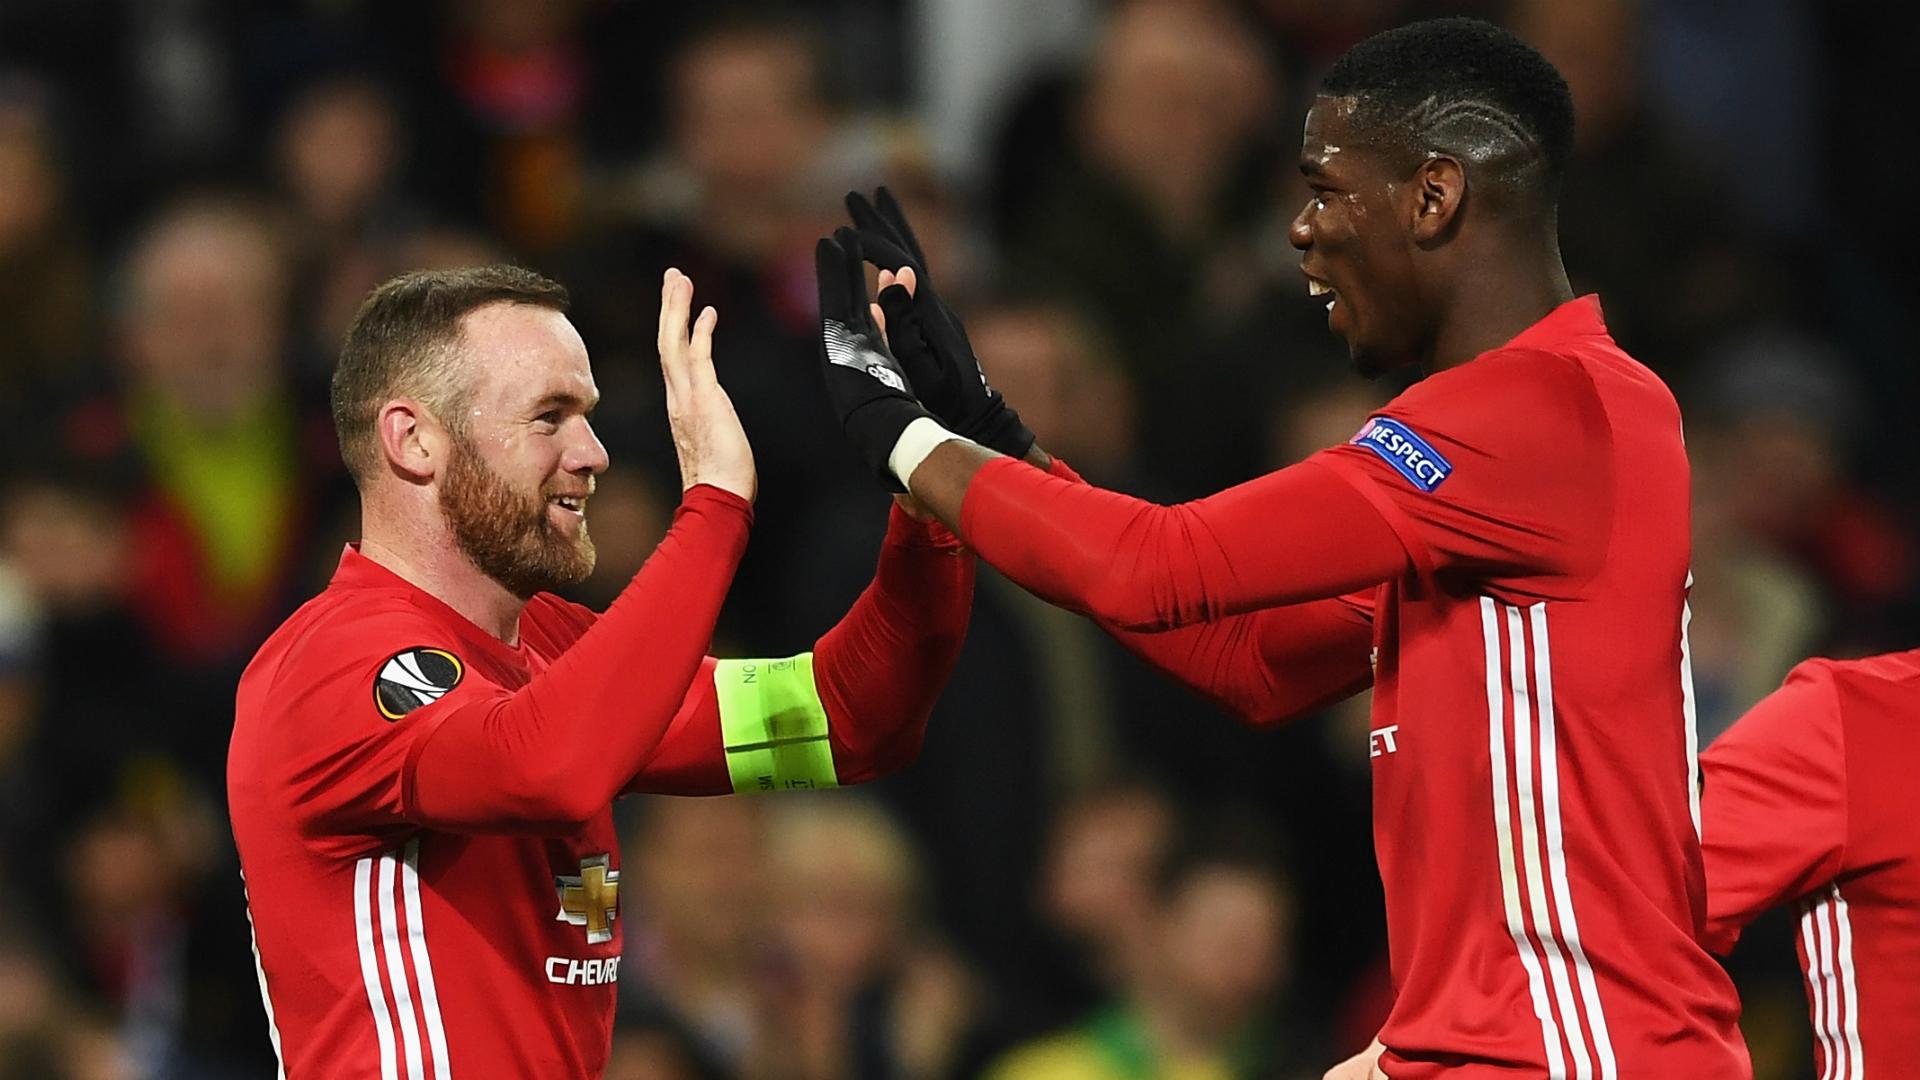 Paul Pogba news: Wayne Rooney advises Jose Mourinho & Man Utd on ...